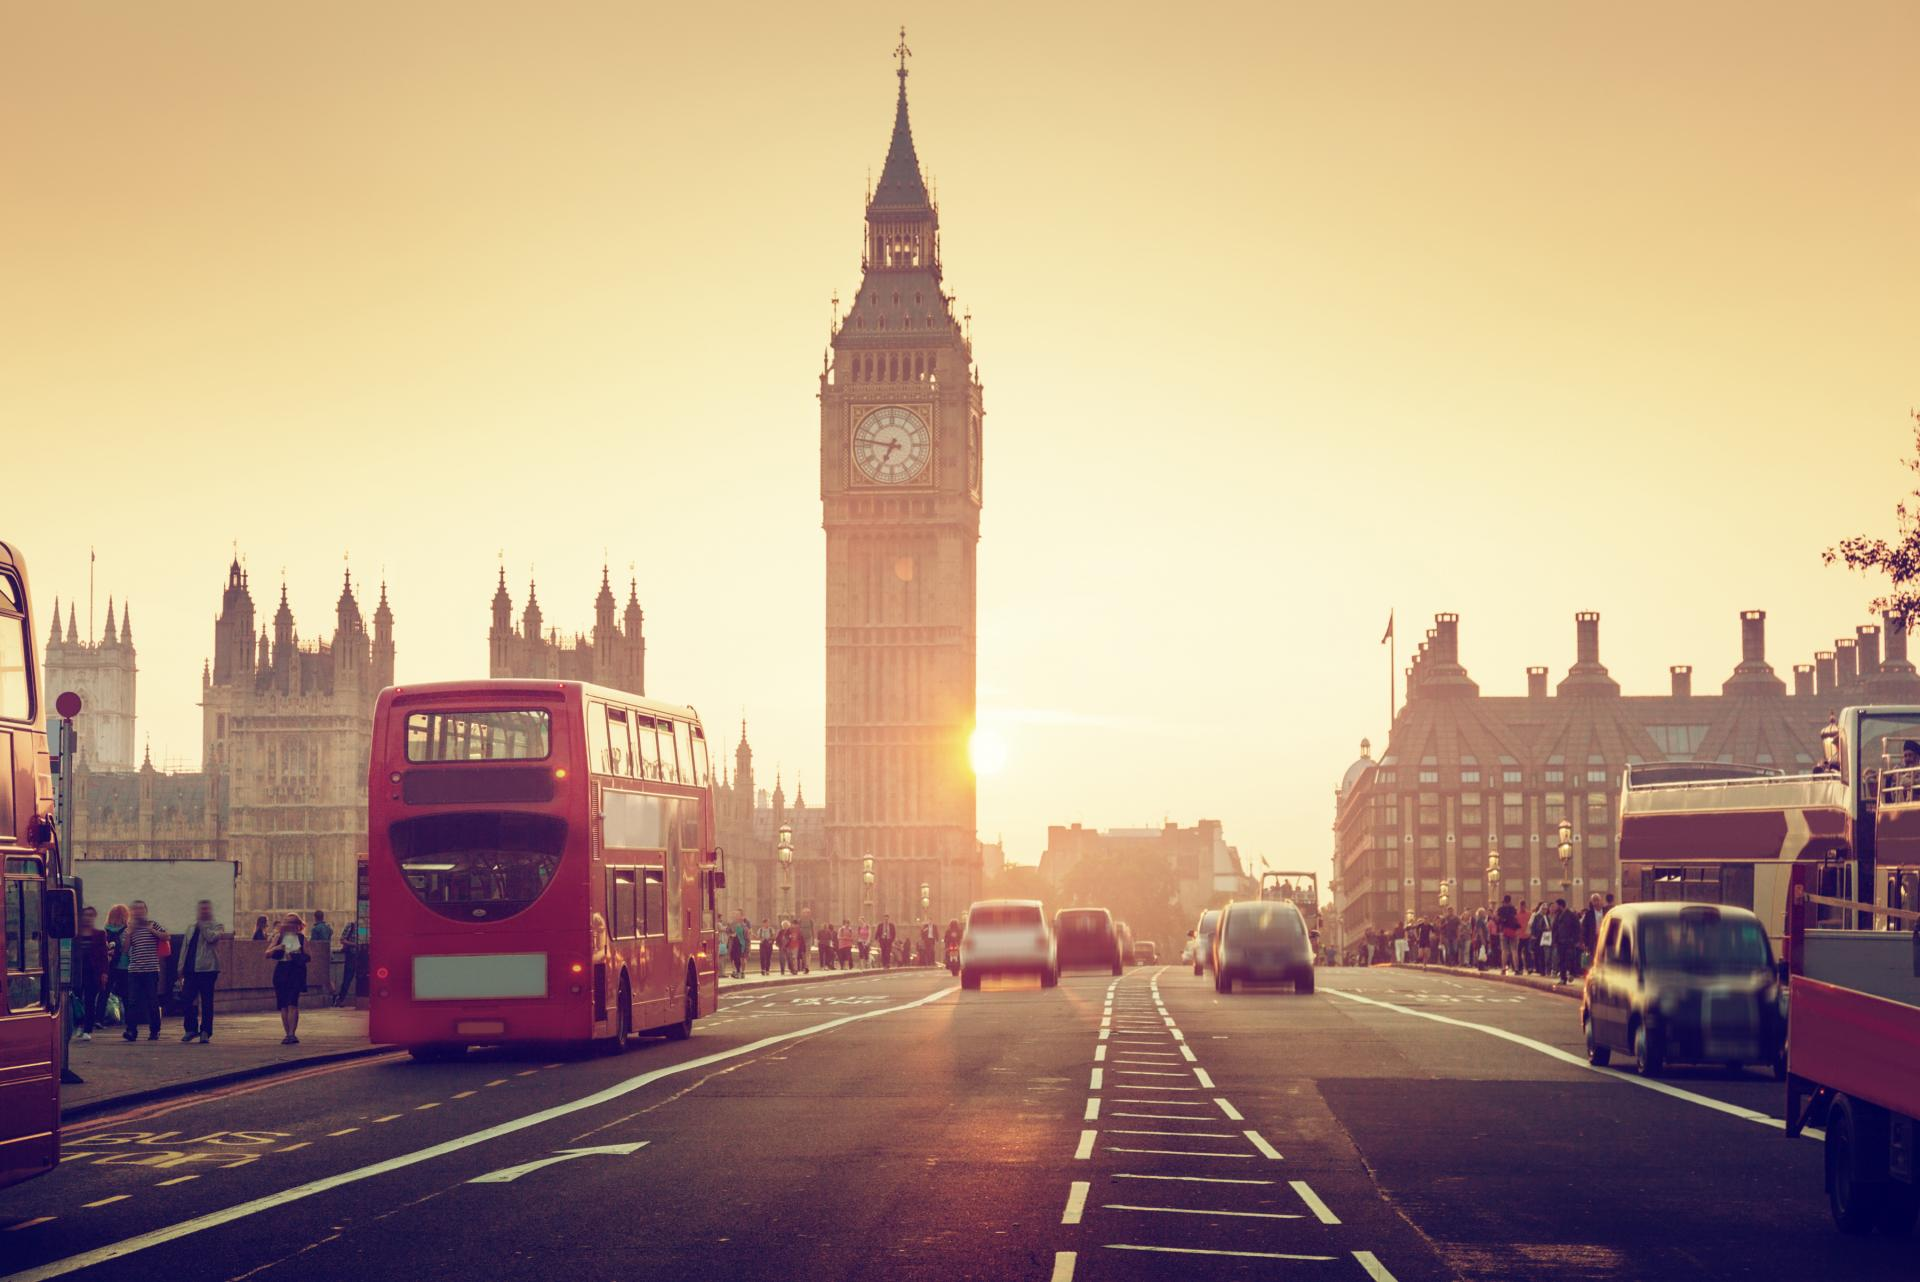 Anochecer en Westminster y el Big Ben de Londres